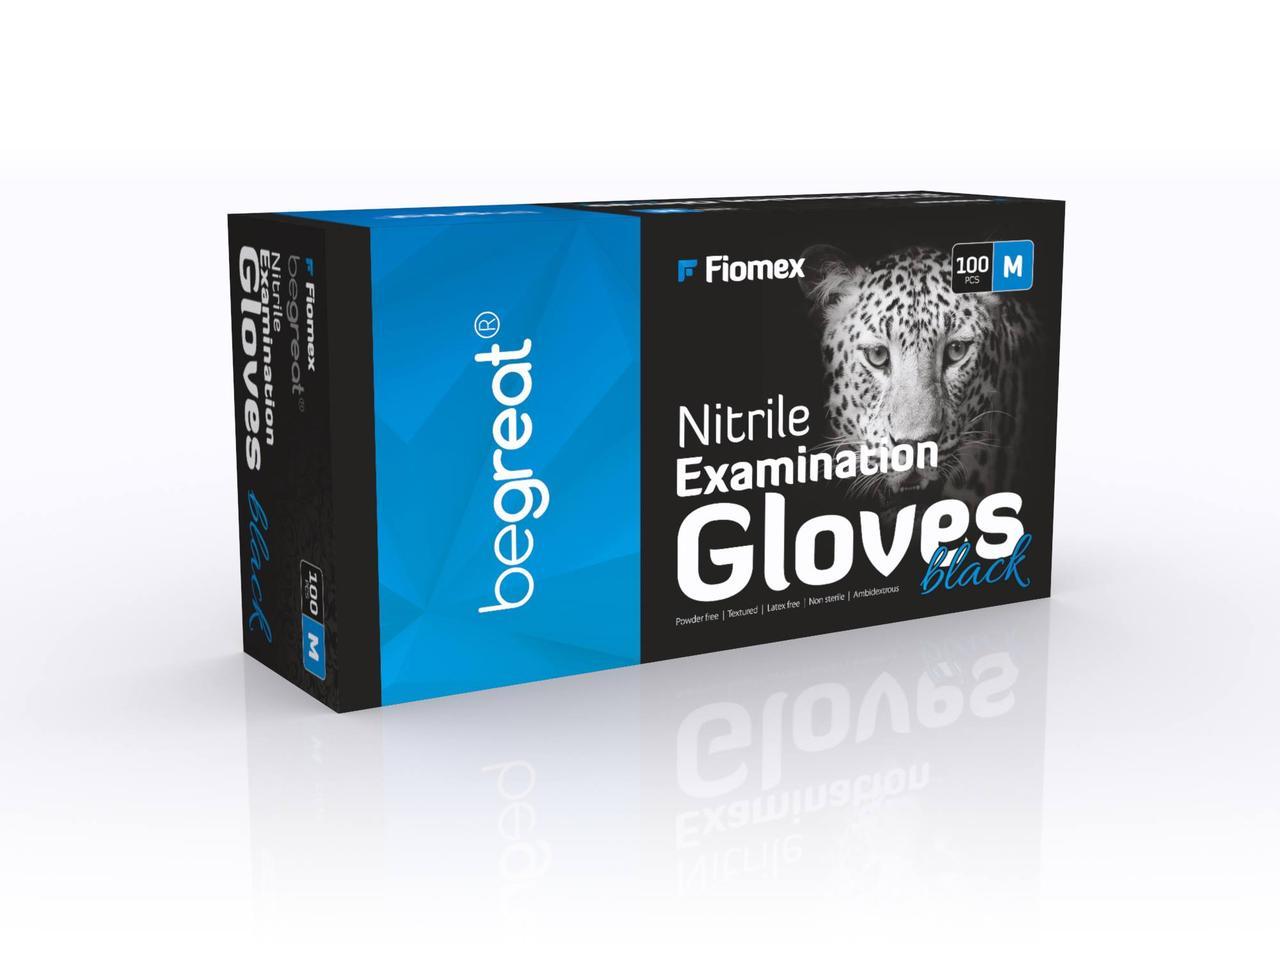 Рукавички нітрилові Fiomex Black, premium - 100 шт/уп, M